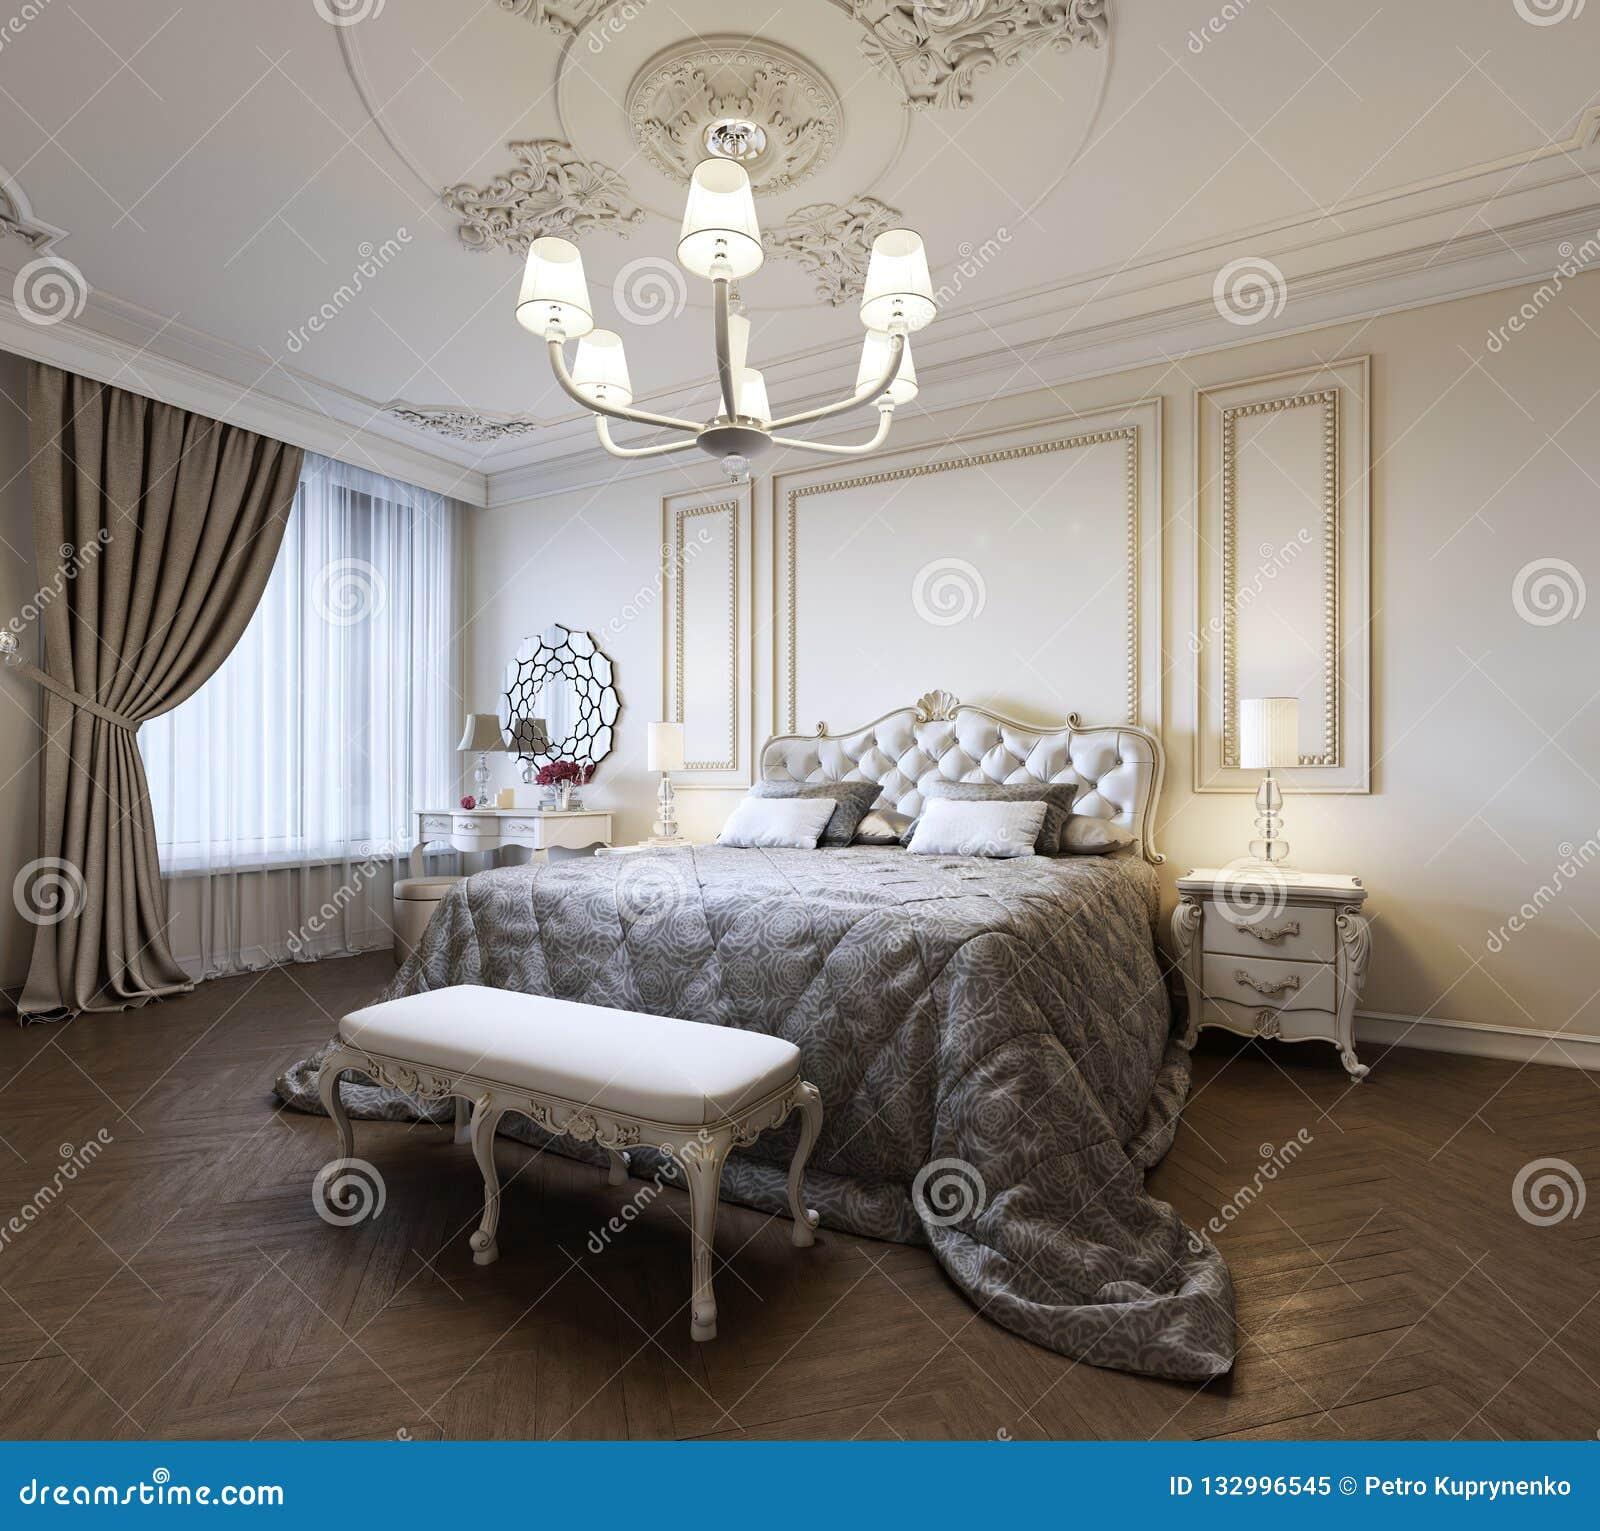 För sovruminre för stads- modern modern klassiker traditionell design med beigea väggar, elegant möblemang och sänglinne